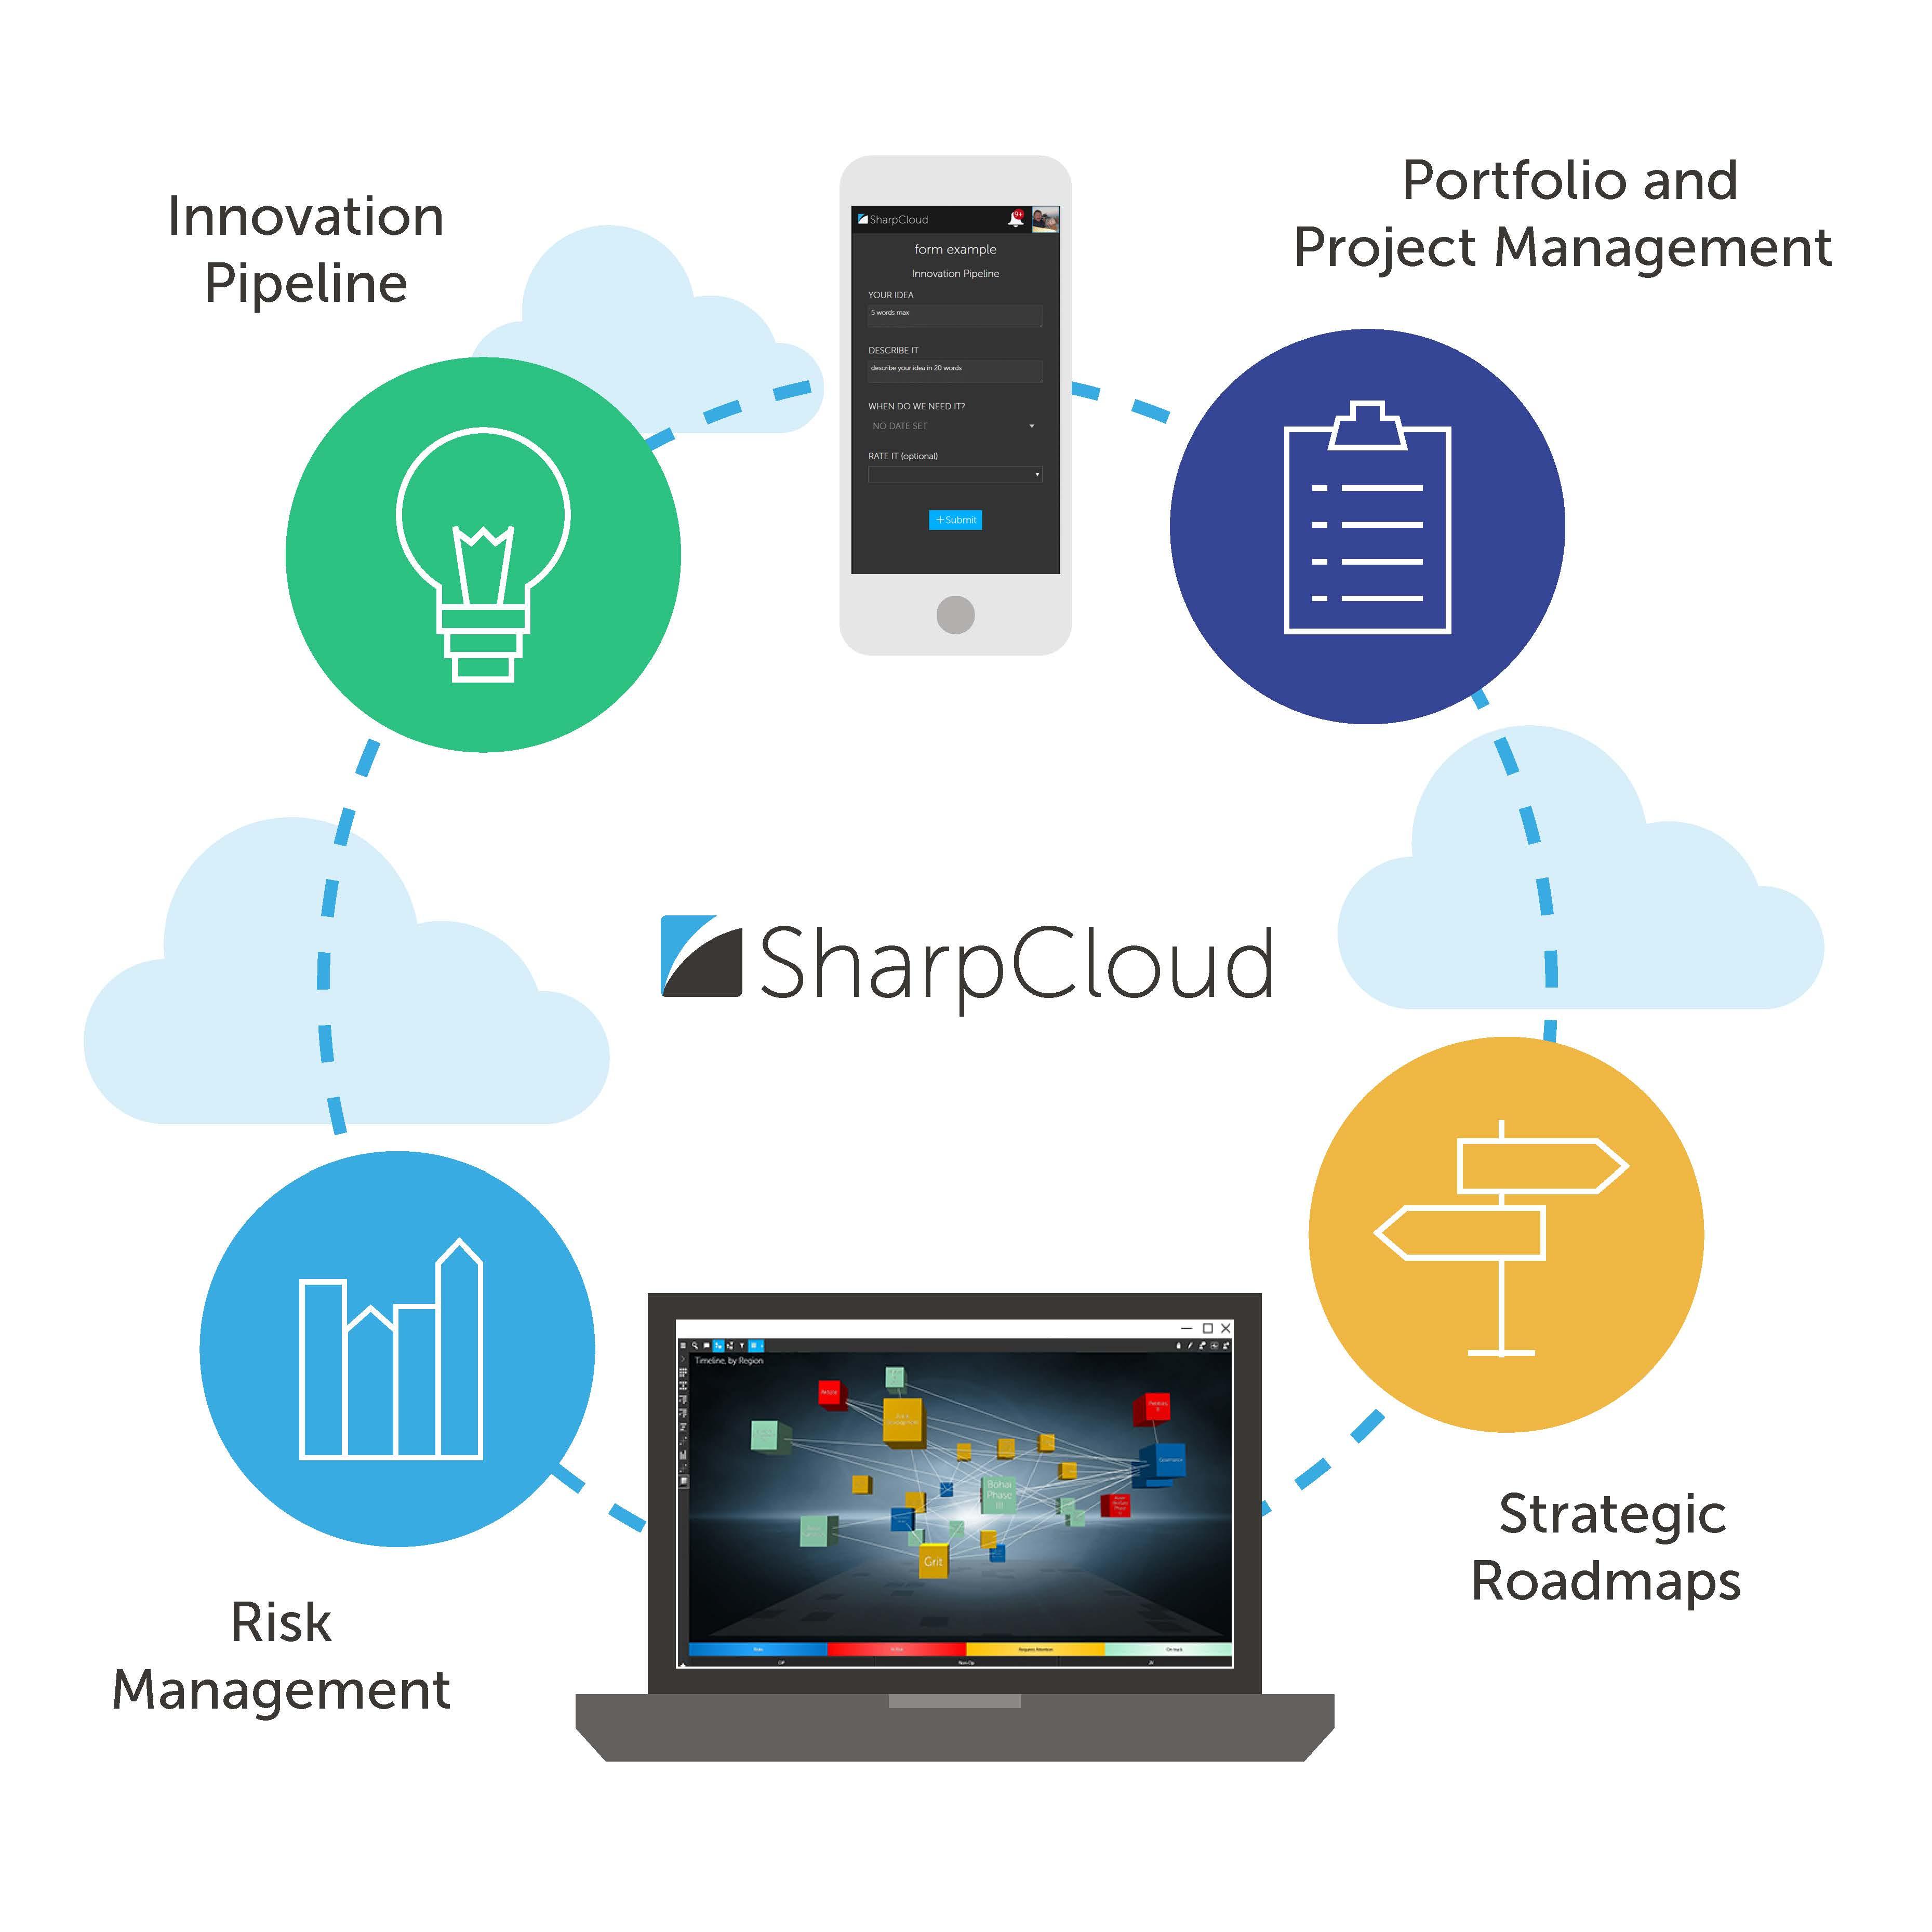 Sharpcloud Enterprise Graphic draft 5.2 (2)